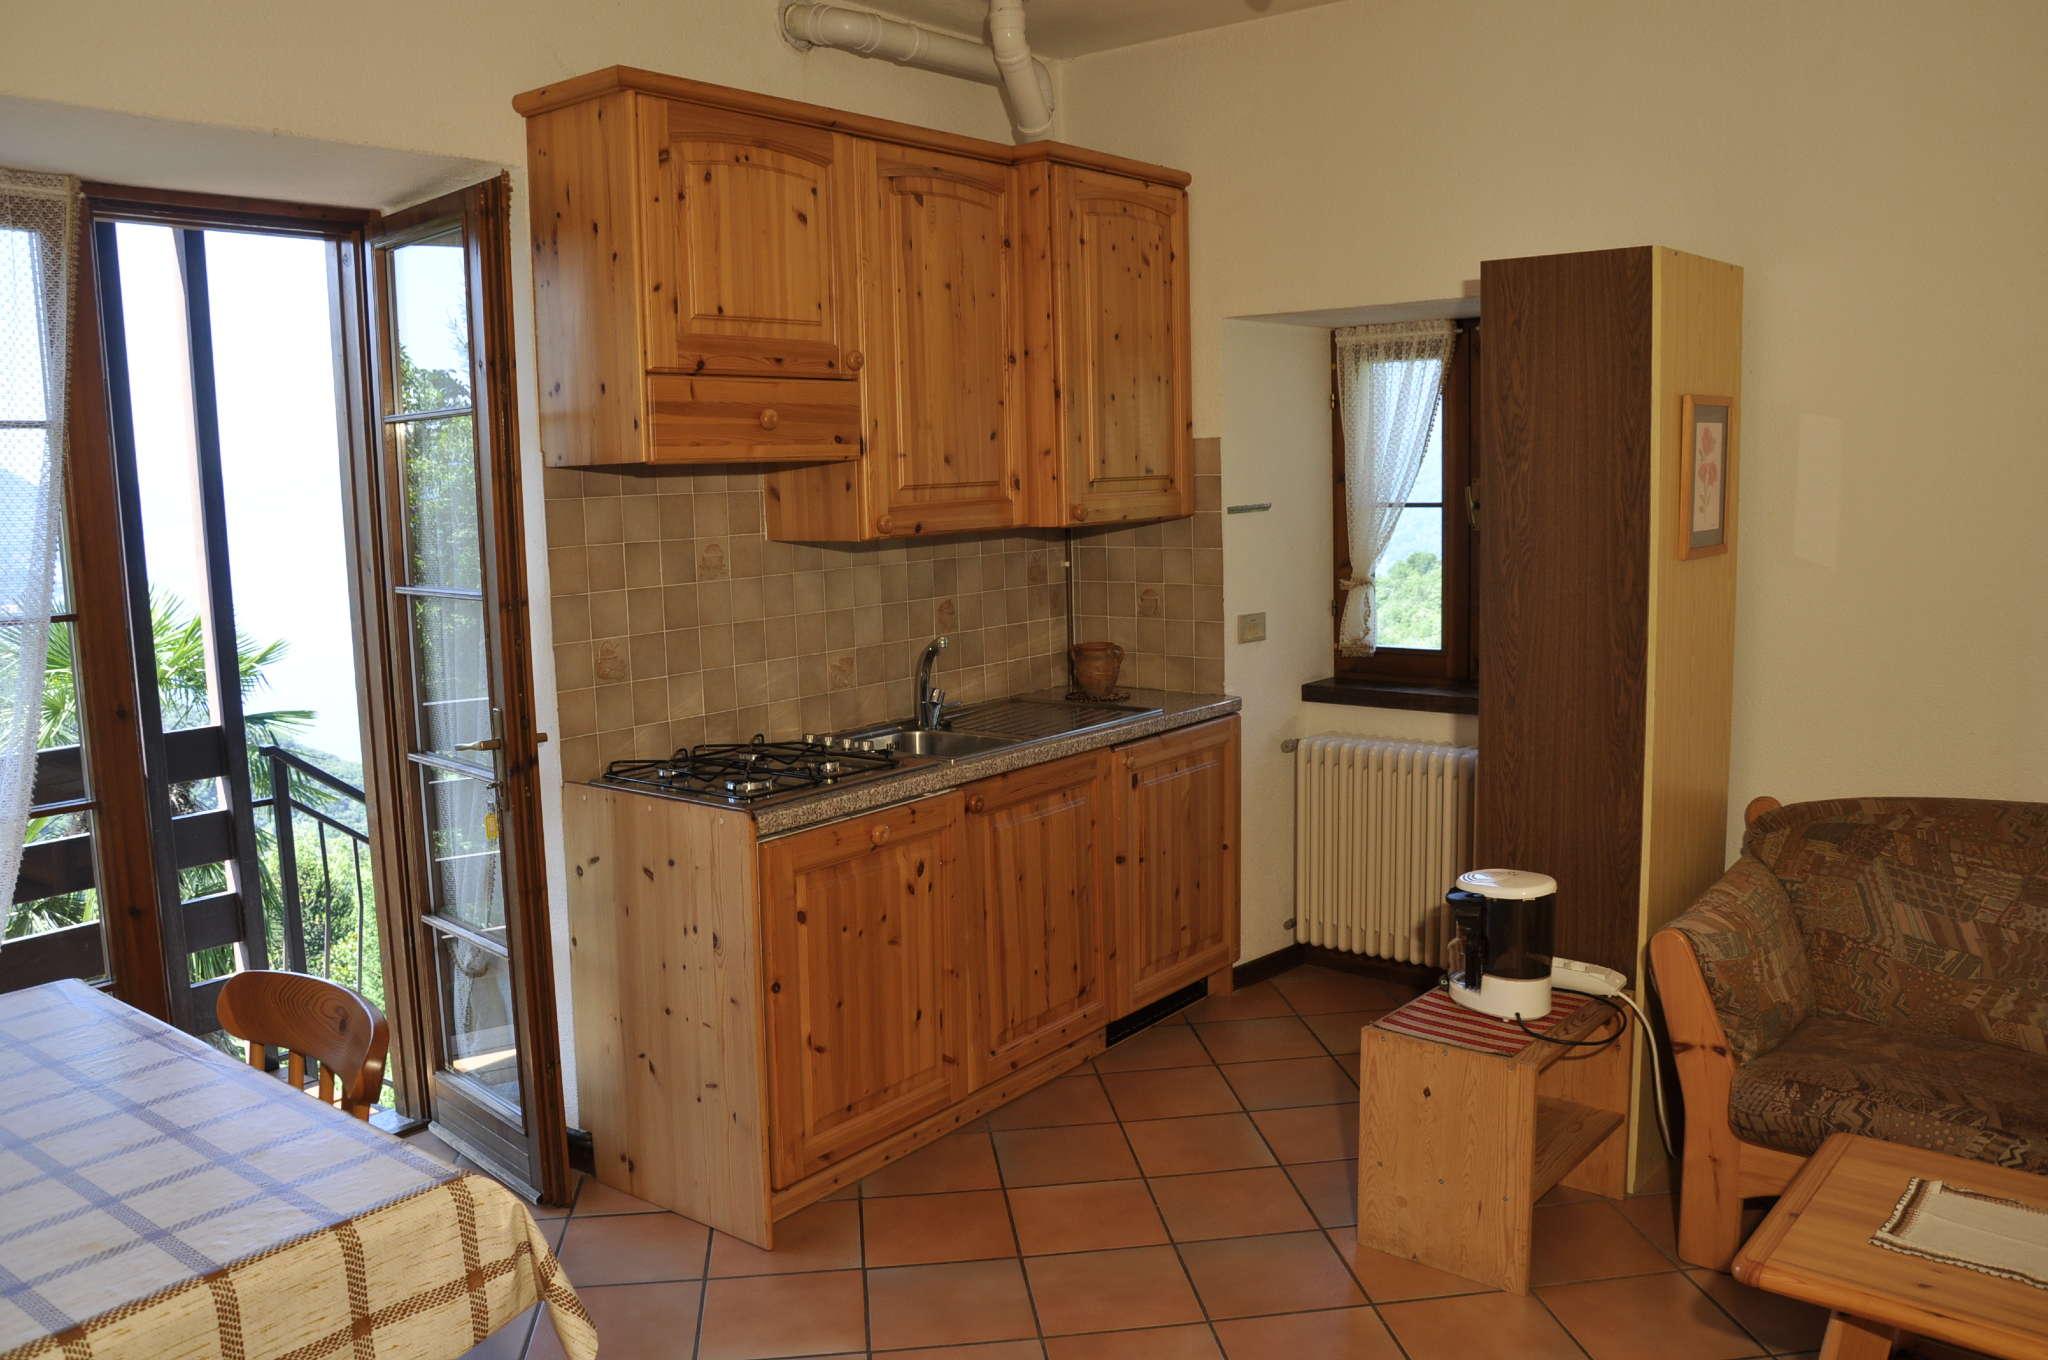 Küche mit Blick nach draussen